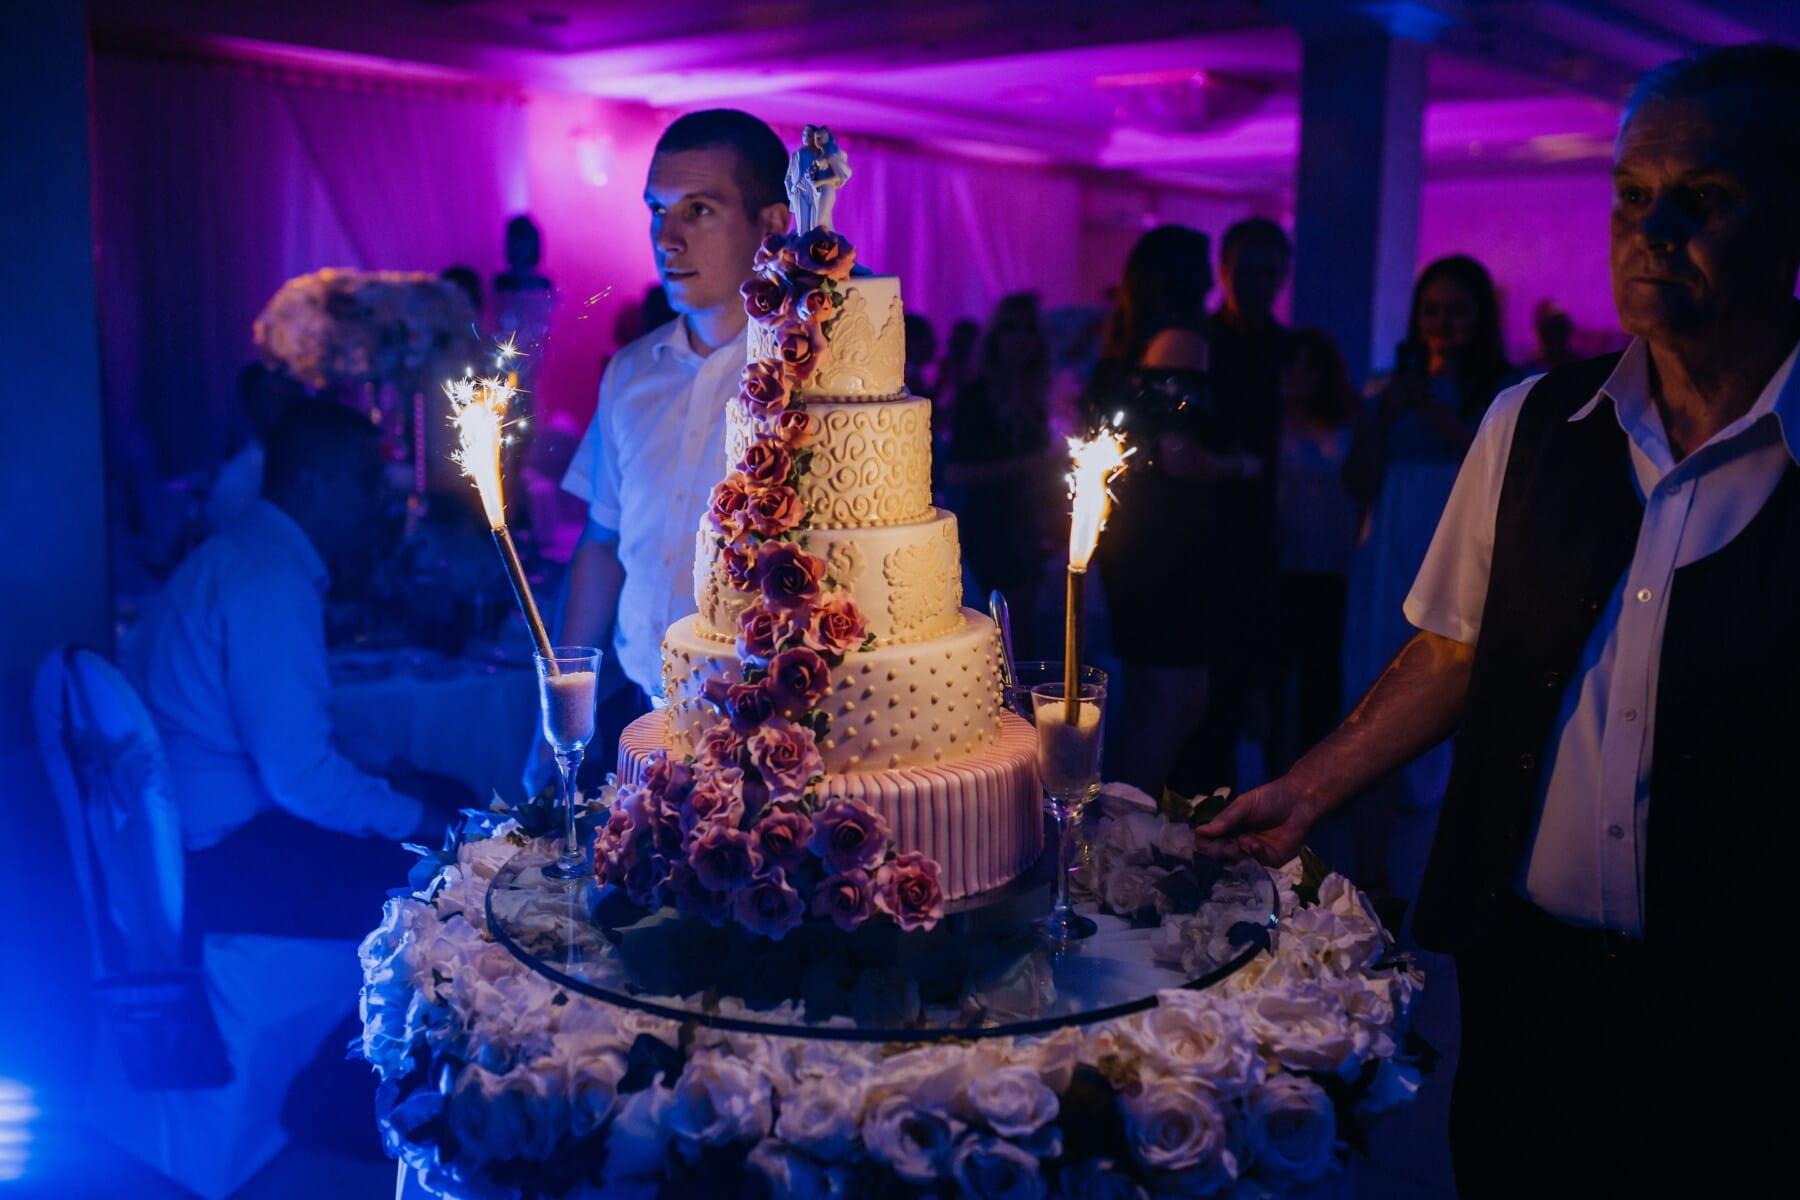 gâteau de mariage, salle de mariage, spectaculaire, barman, mariage, boîte de nuit, célébration, gens, parti, performances